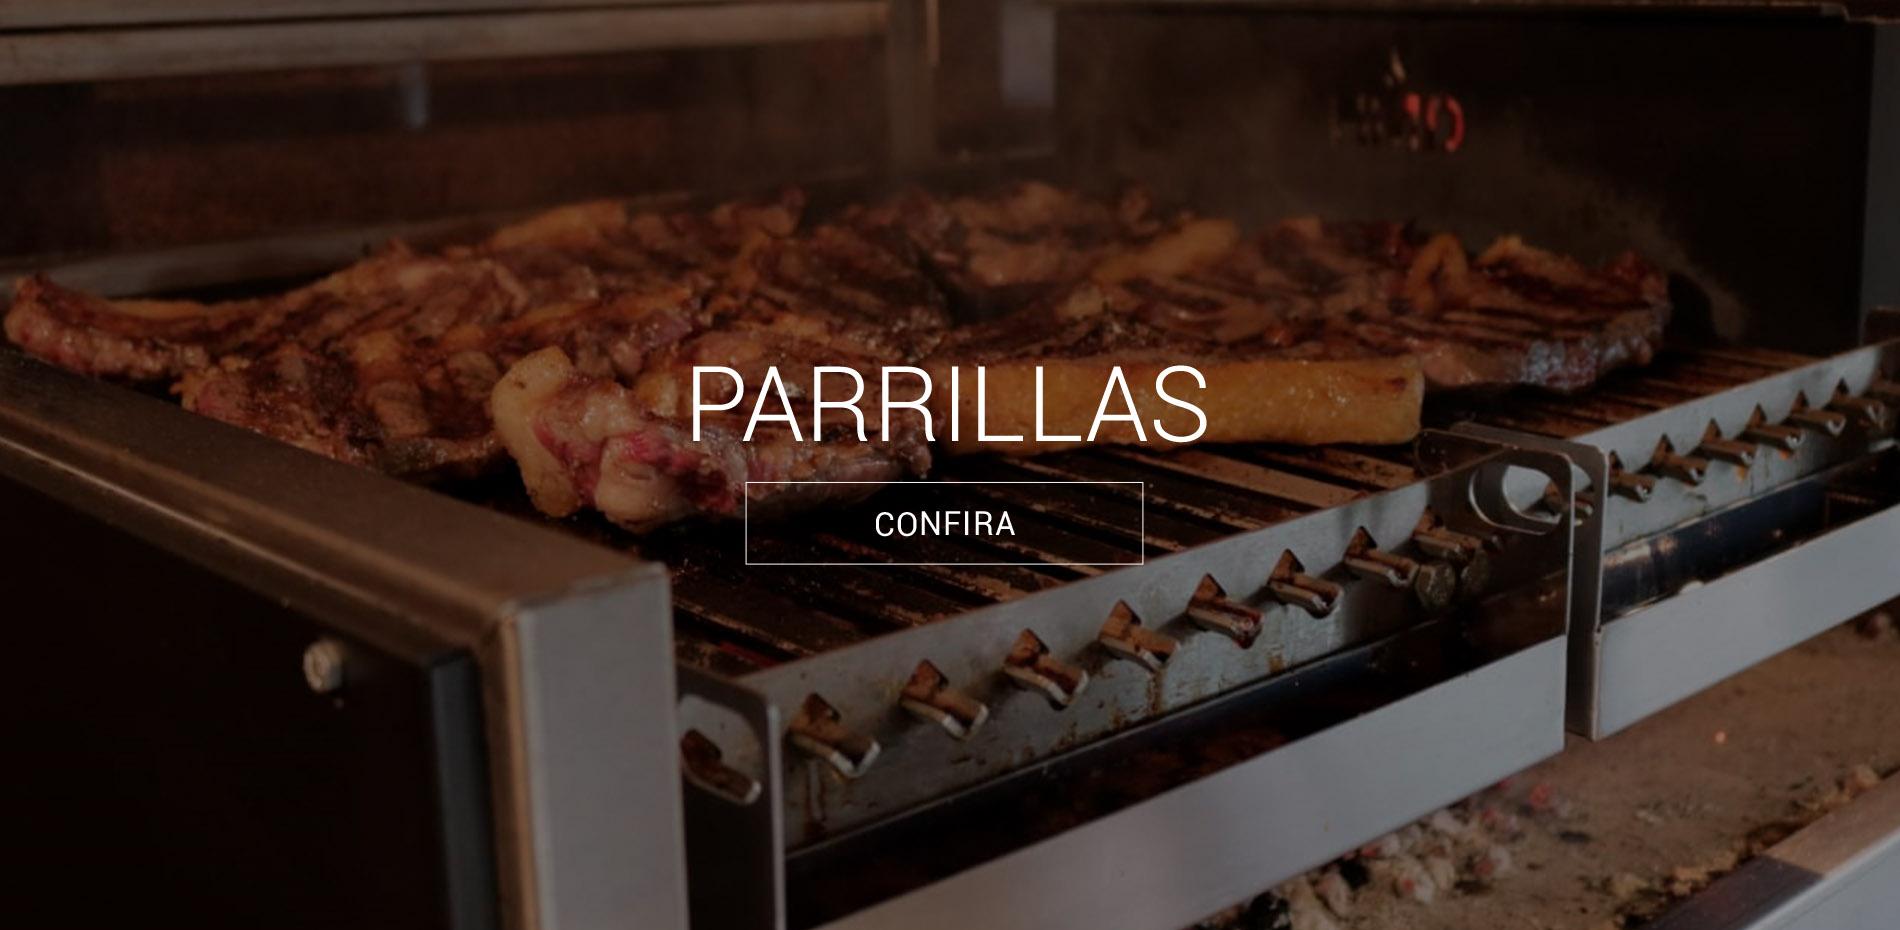 Banne Parrillas Desktop